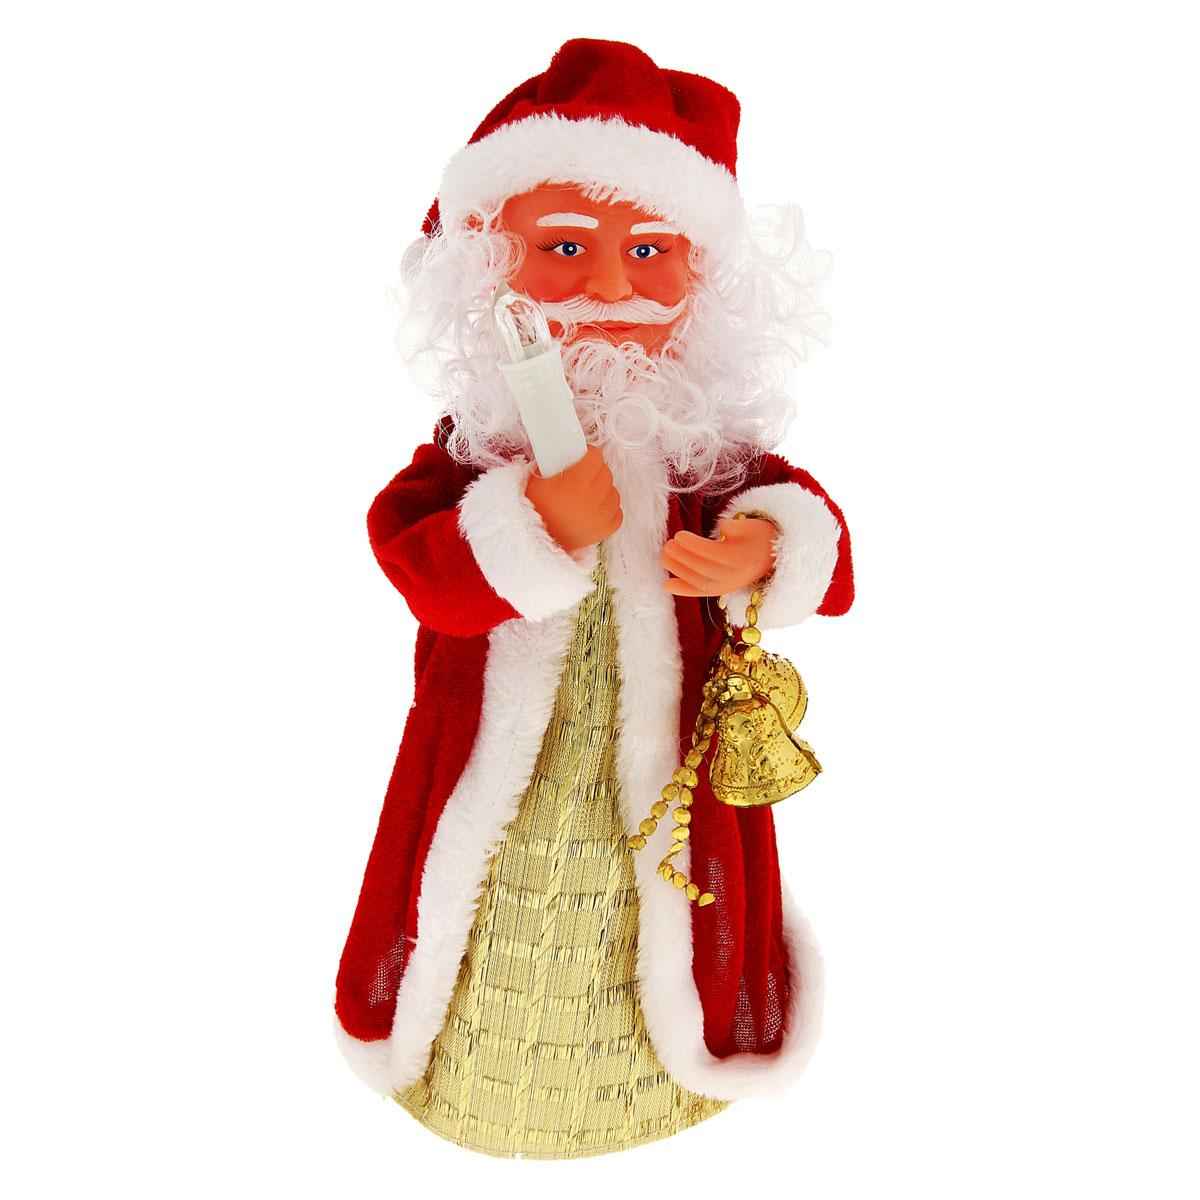 Новогодняя декоративная фигурка Sima-land Дед Мороз, анимированная, высота 28 см. 827832 фигурка декоративная sima land мишка высота 18 см